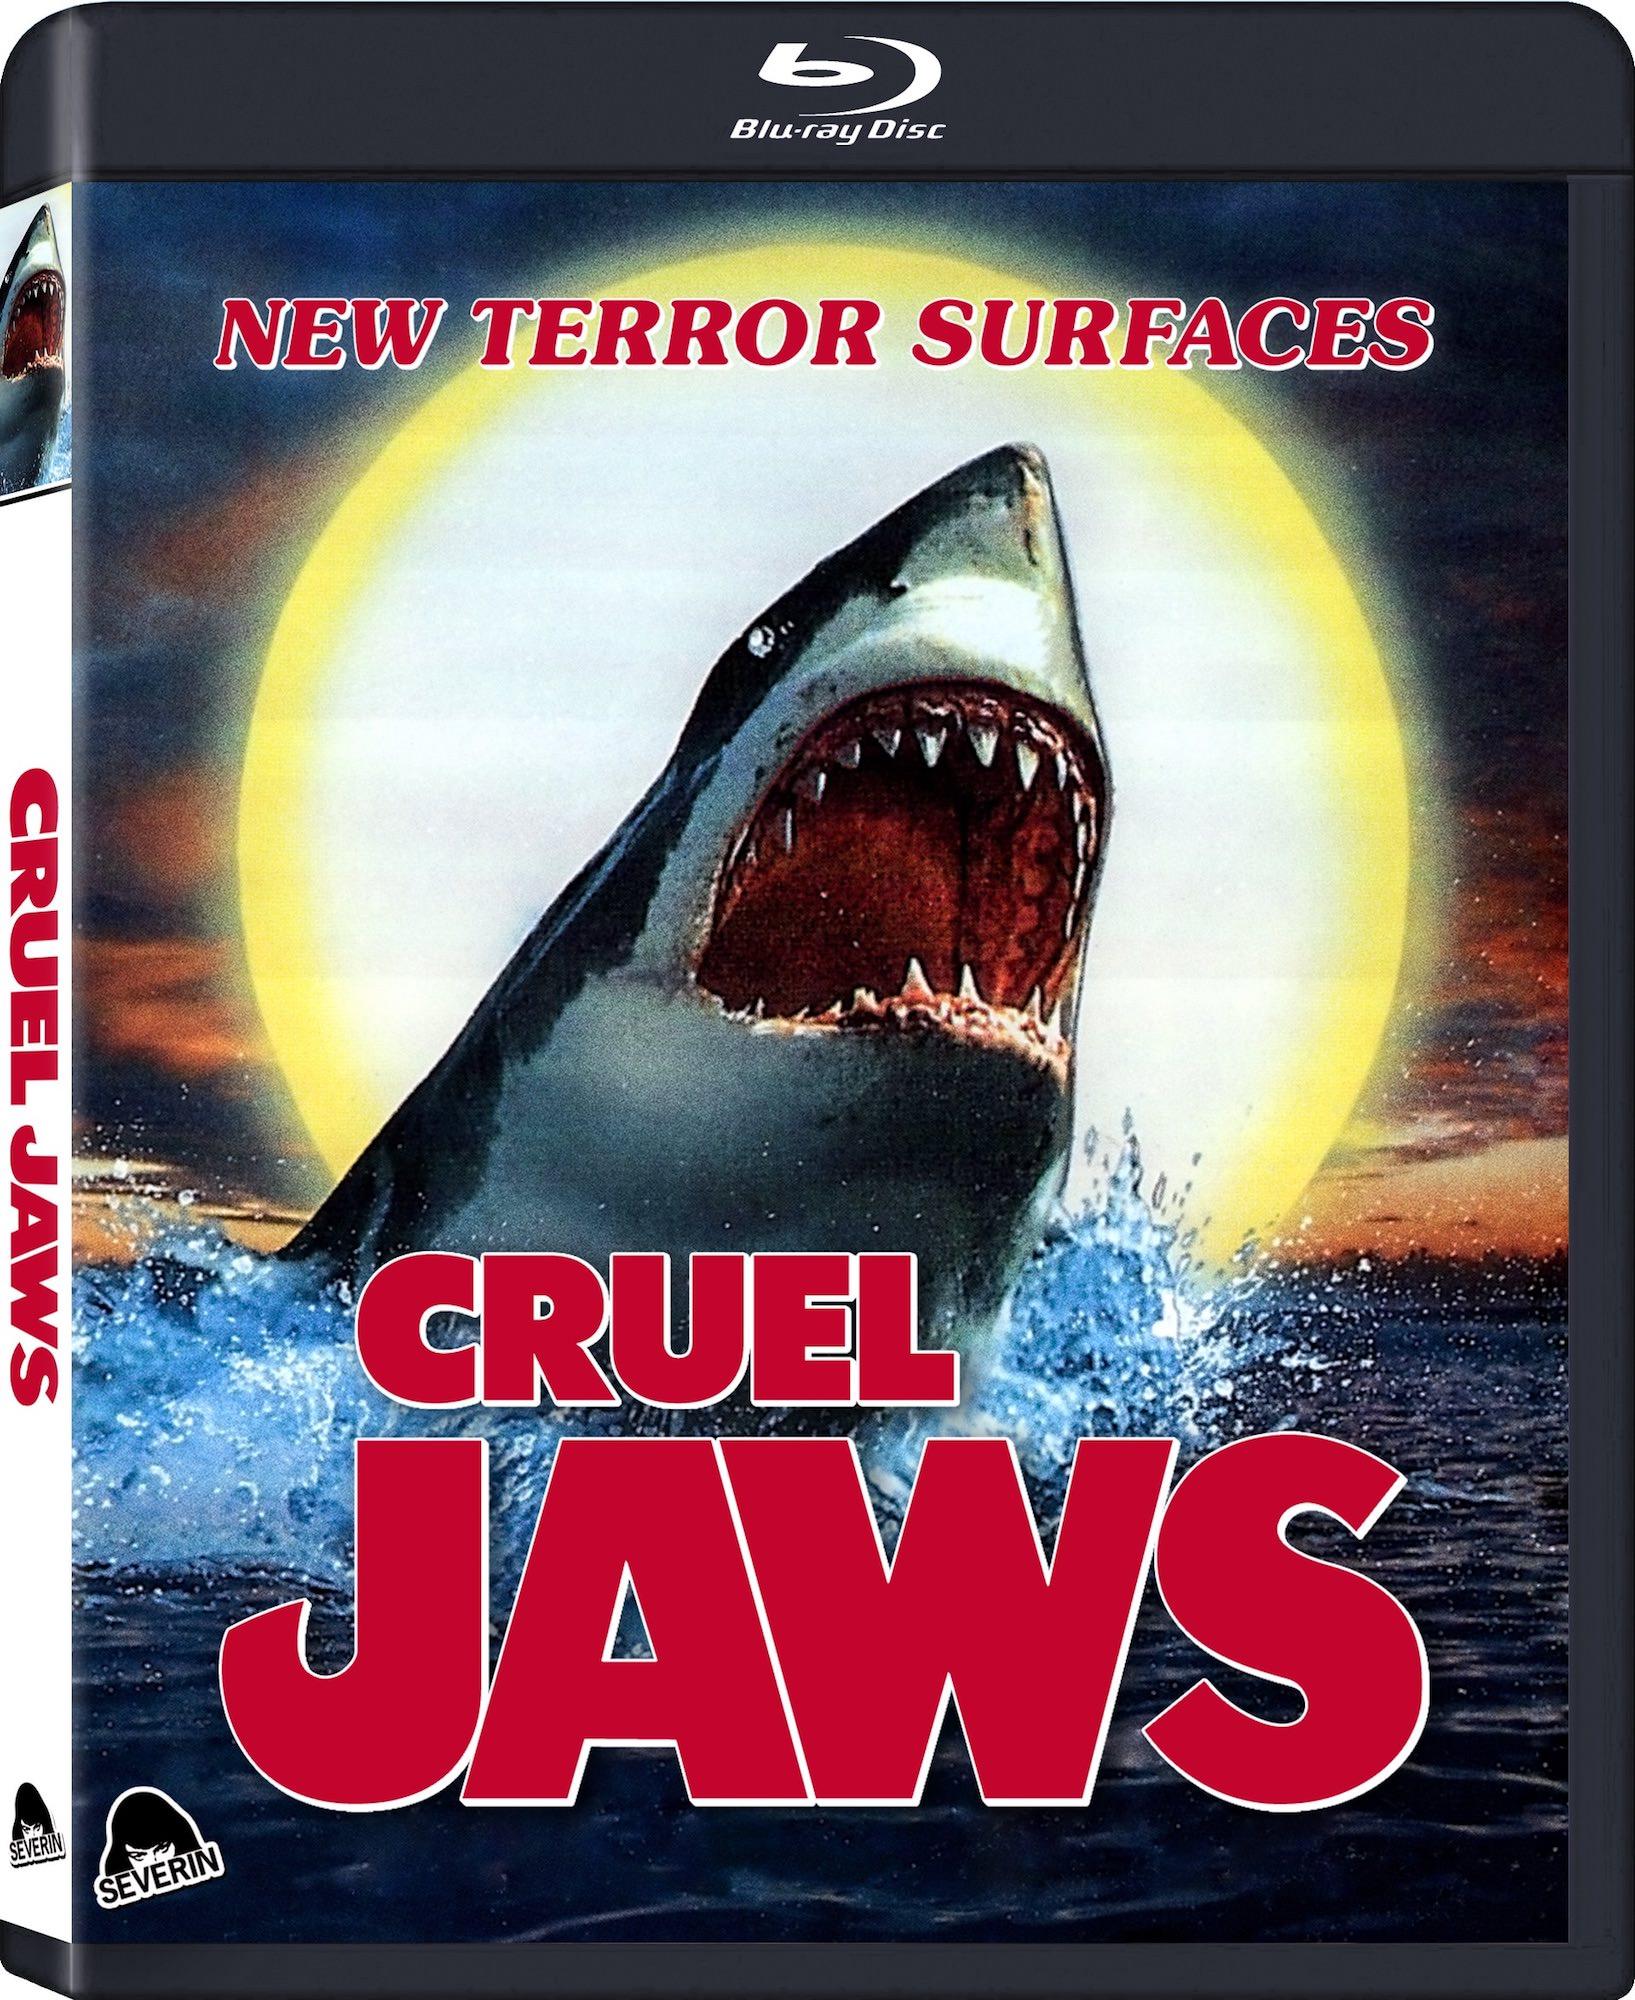 Cruel Jaws Blu-ray Review (Severin Films)